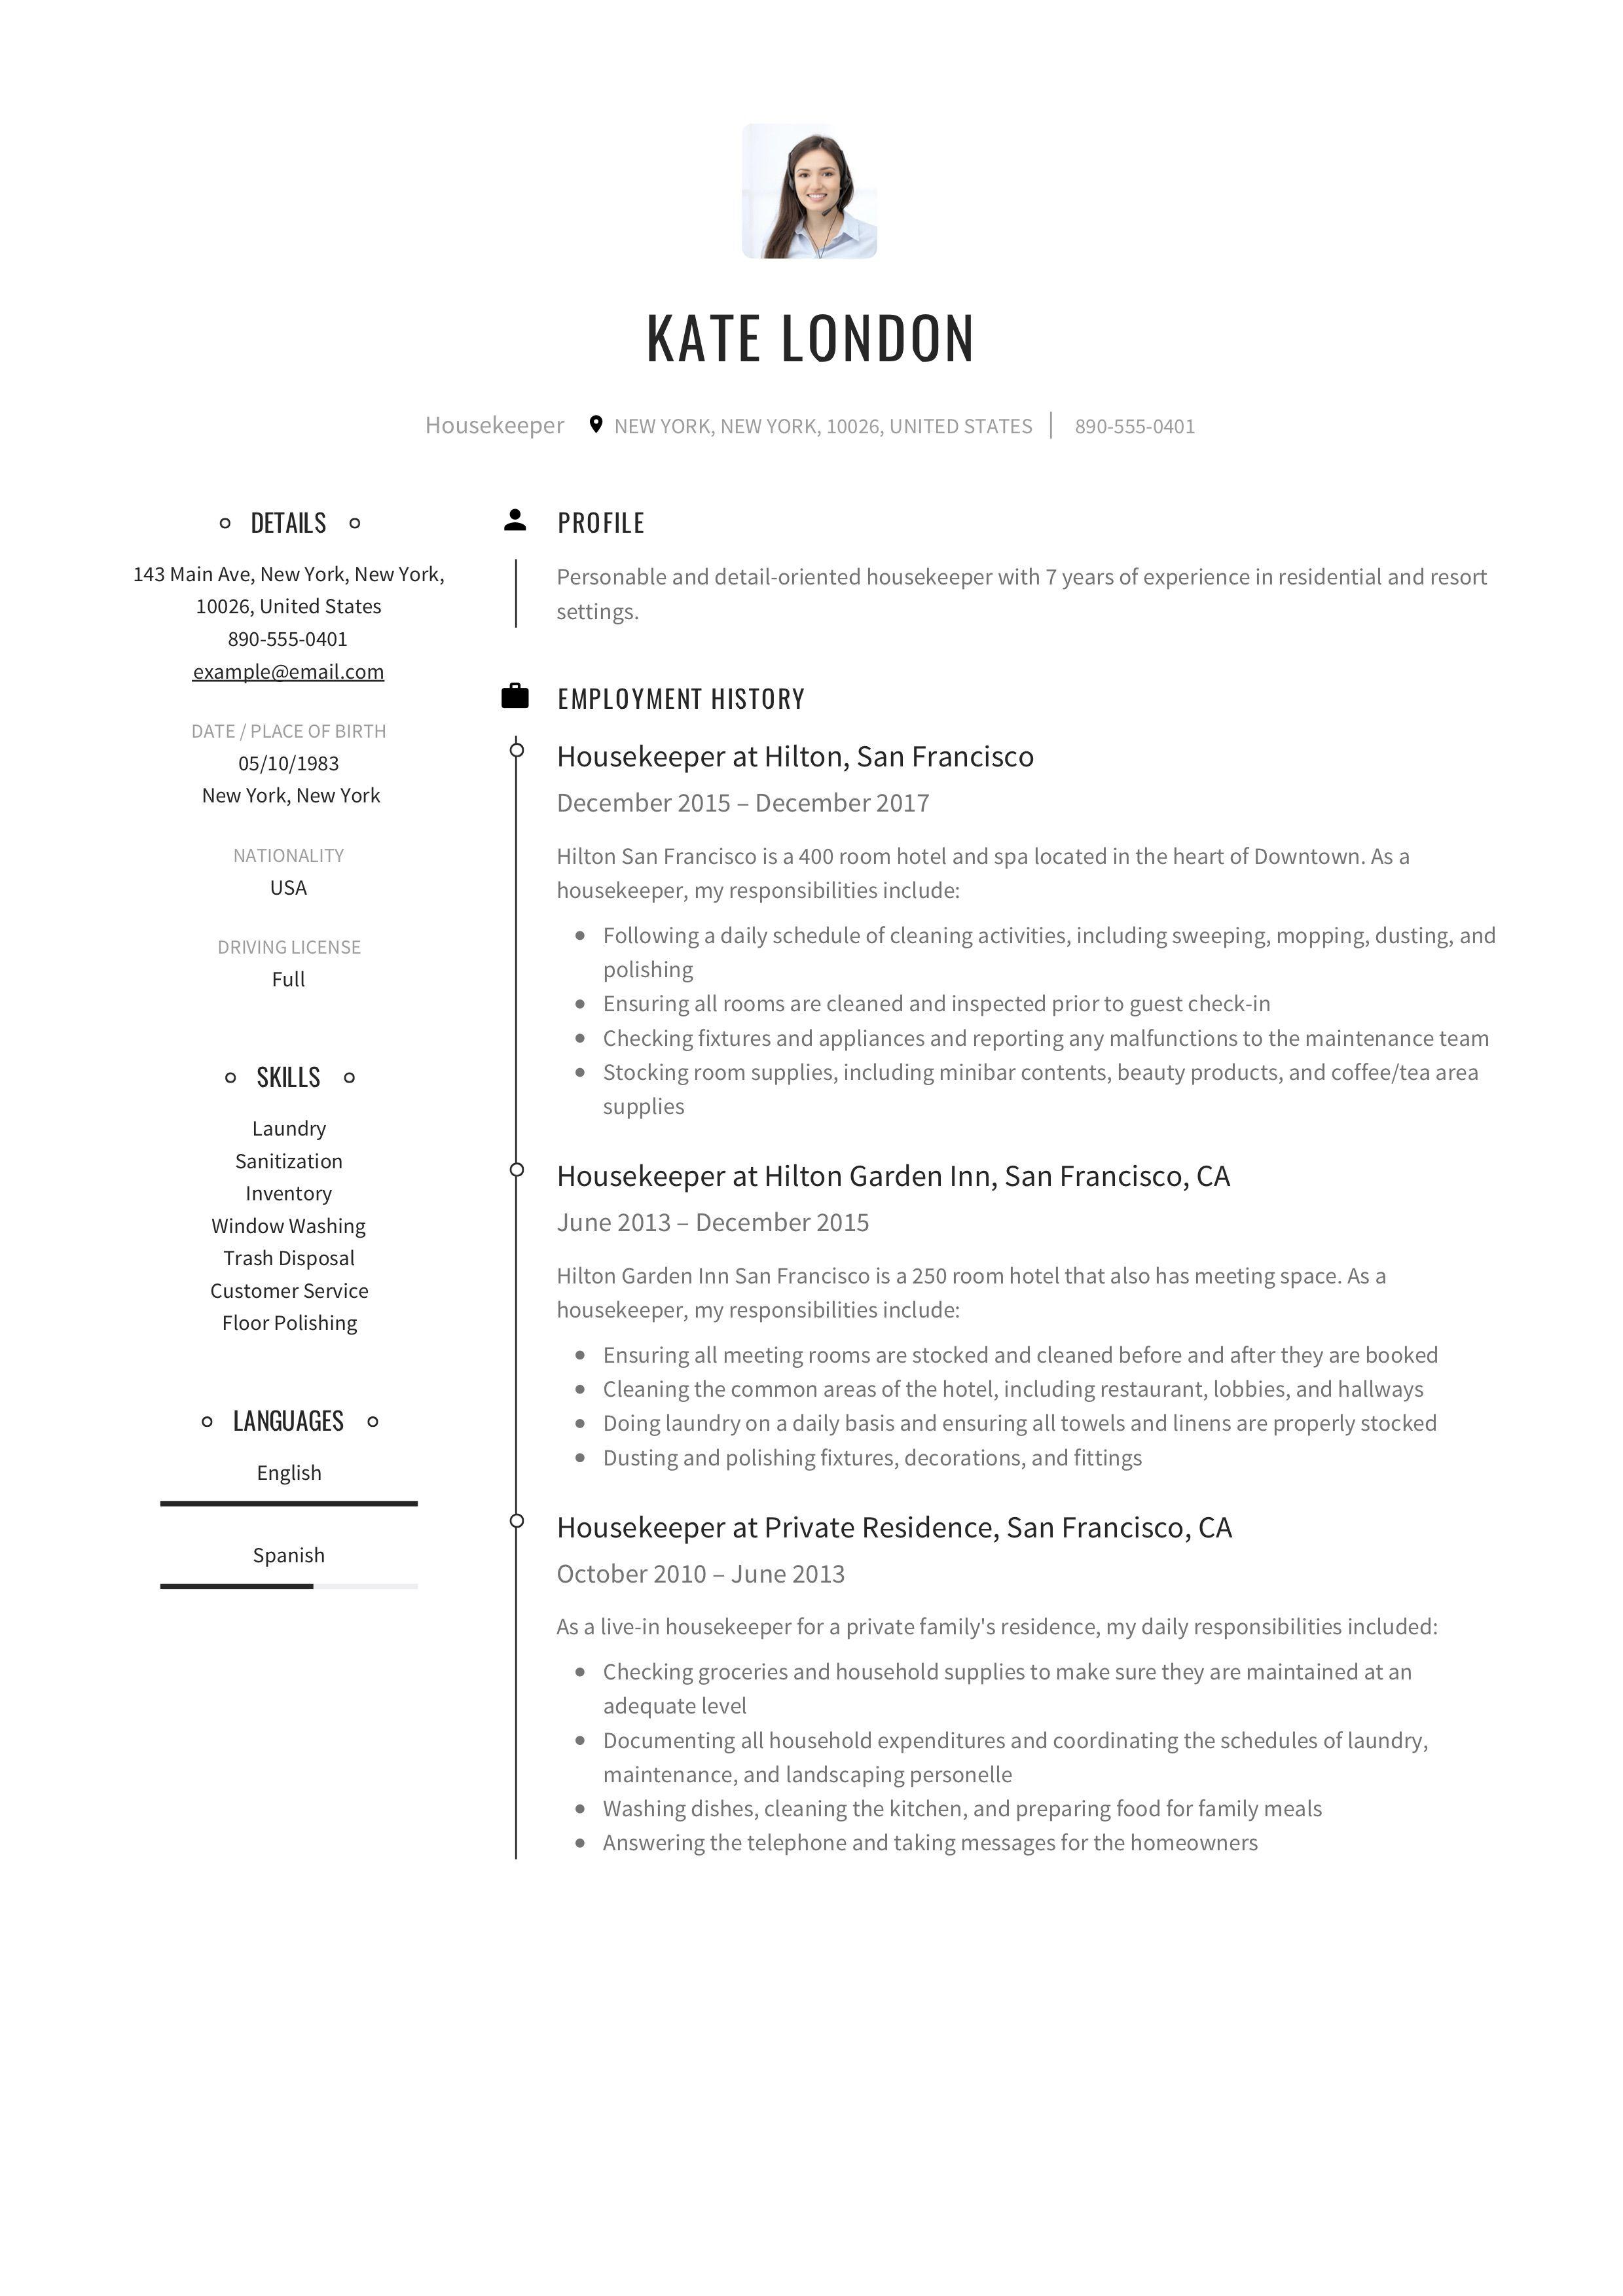 Housekeeper Resume Example In 2020 Job Resume Template Resume Guide Job Resume